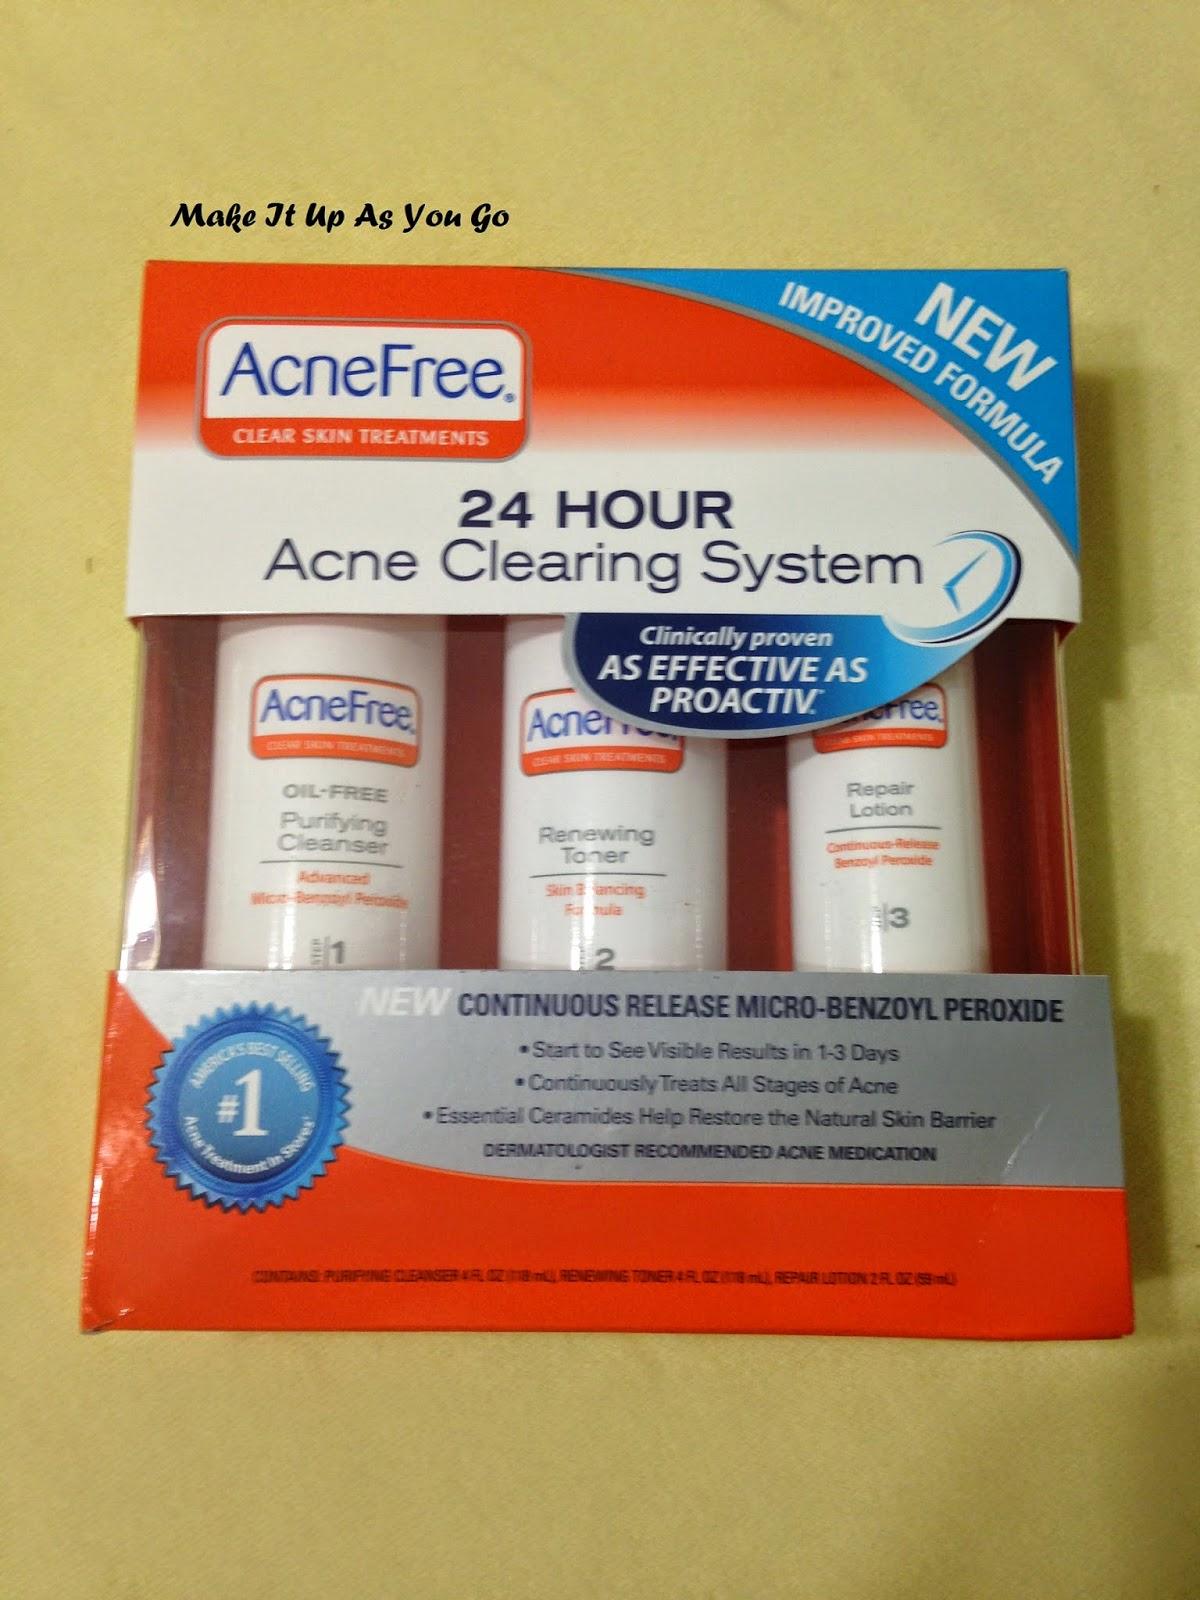 Doxycycline Treatment For